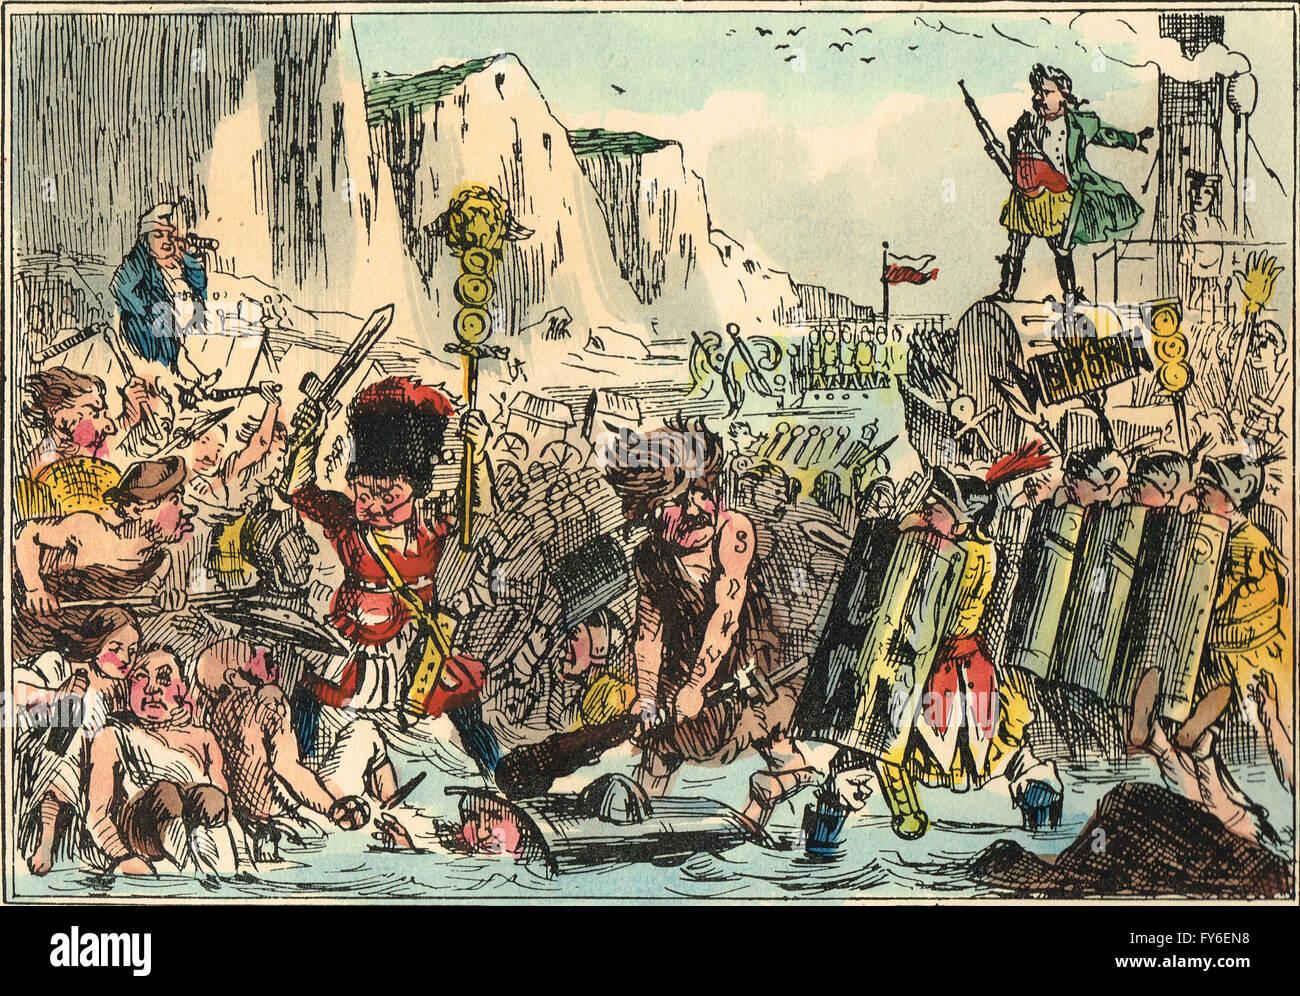 Comical take on the Landing of Julius Caesar in Britain by John Leech - Stock Image